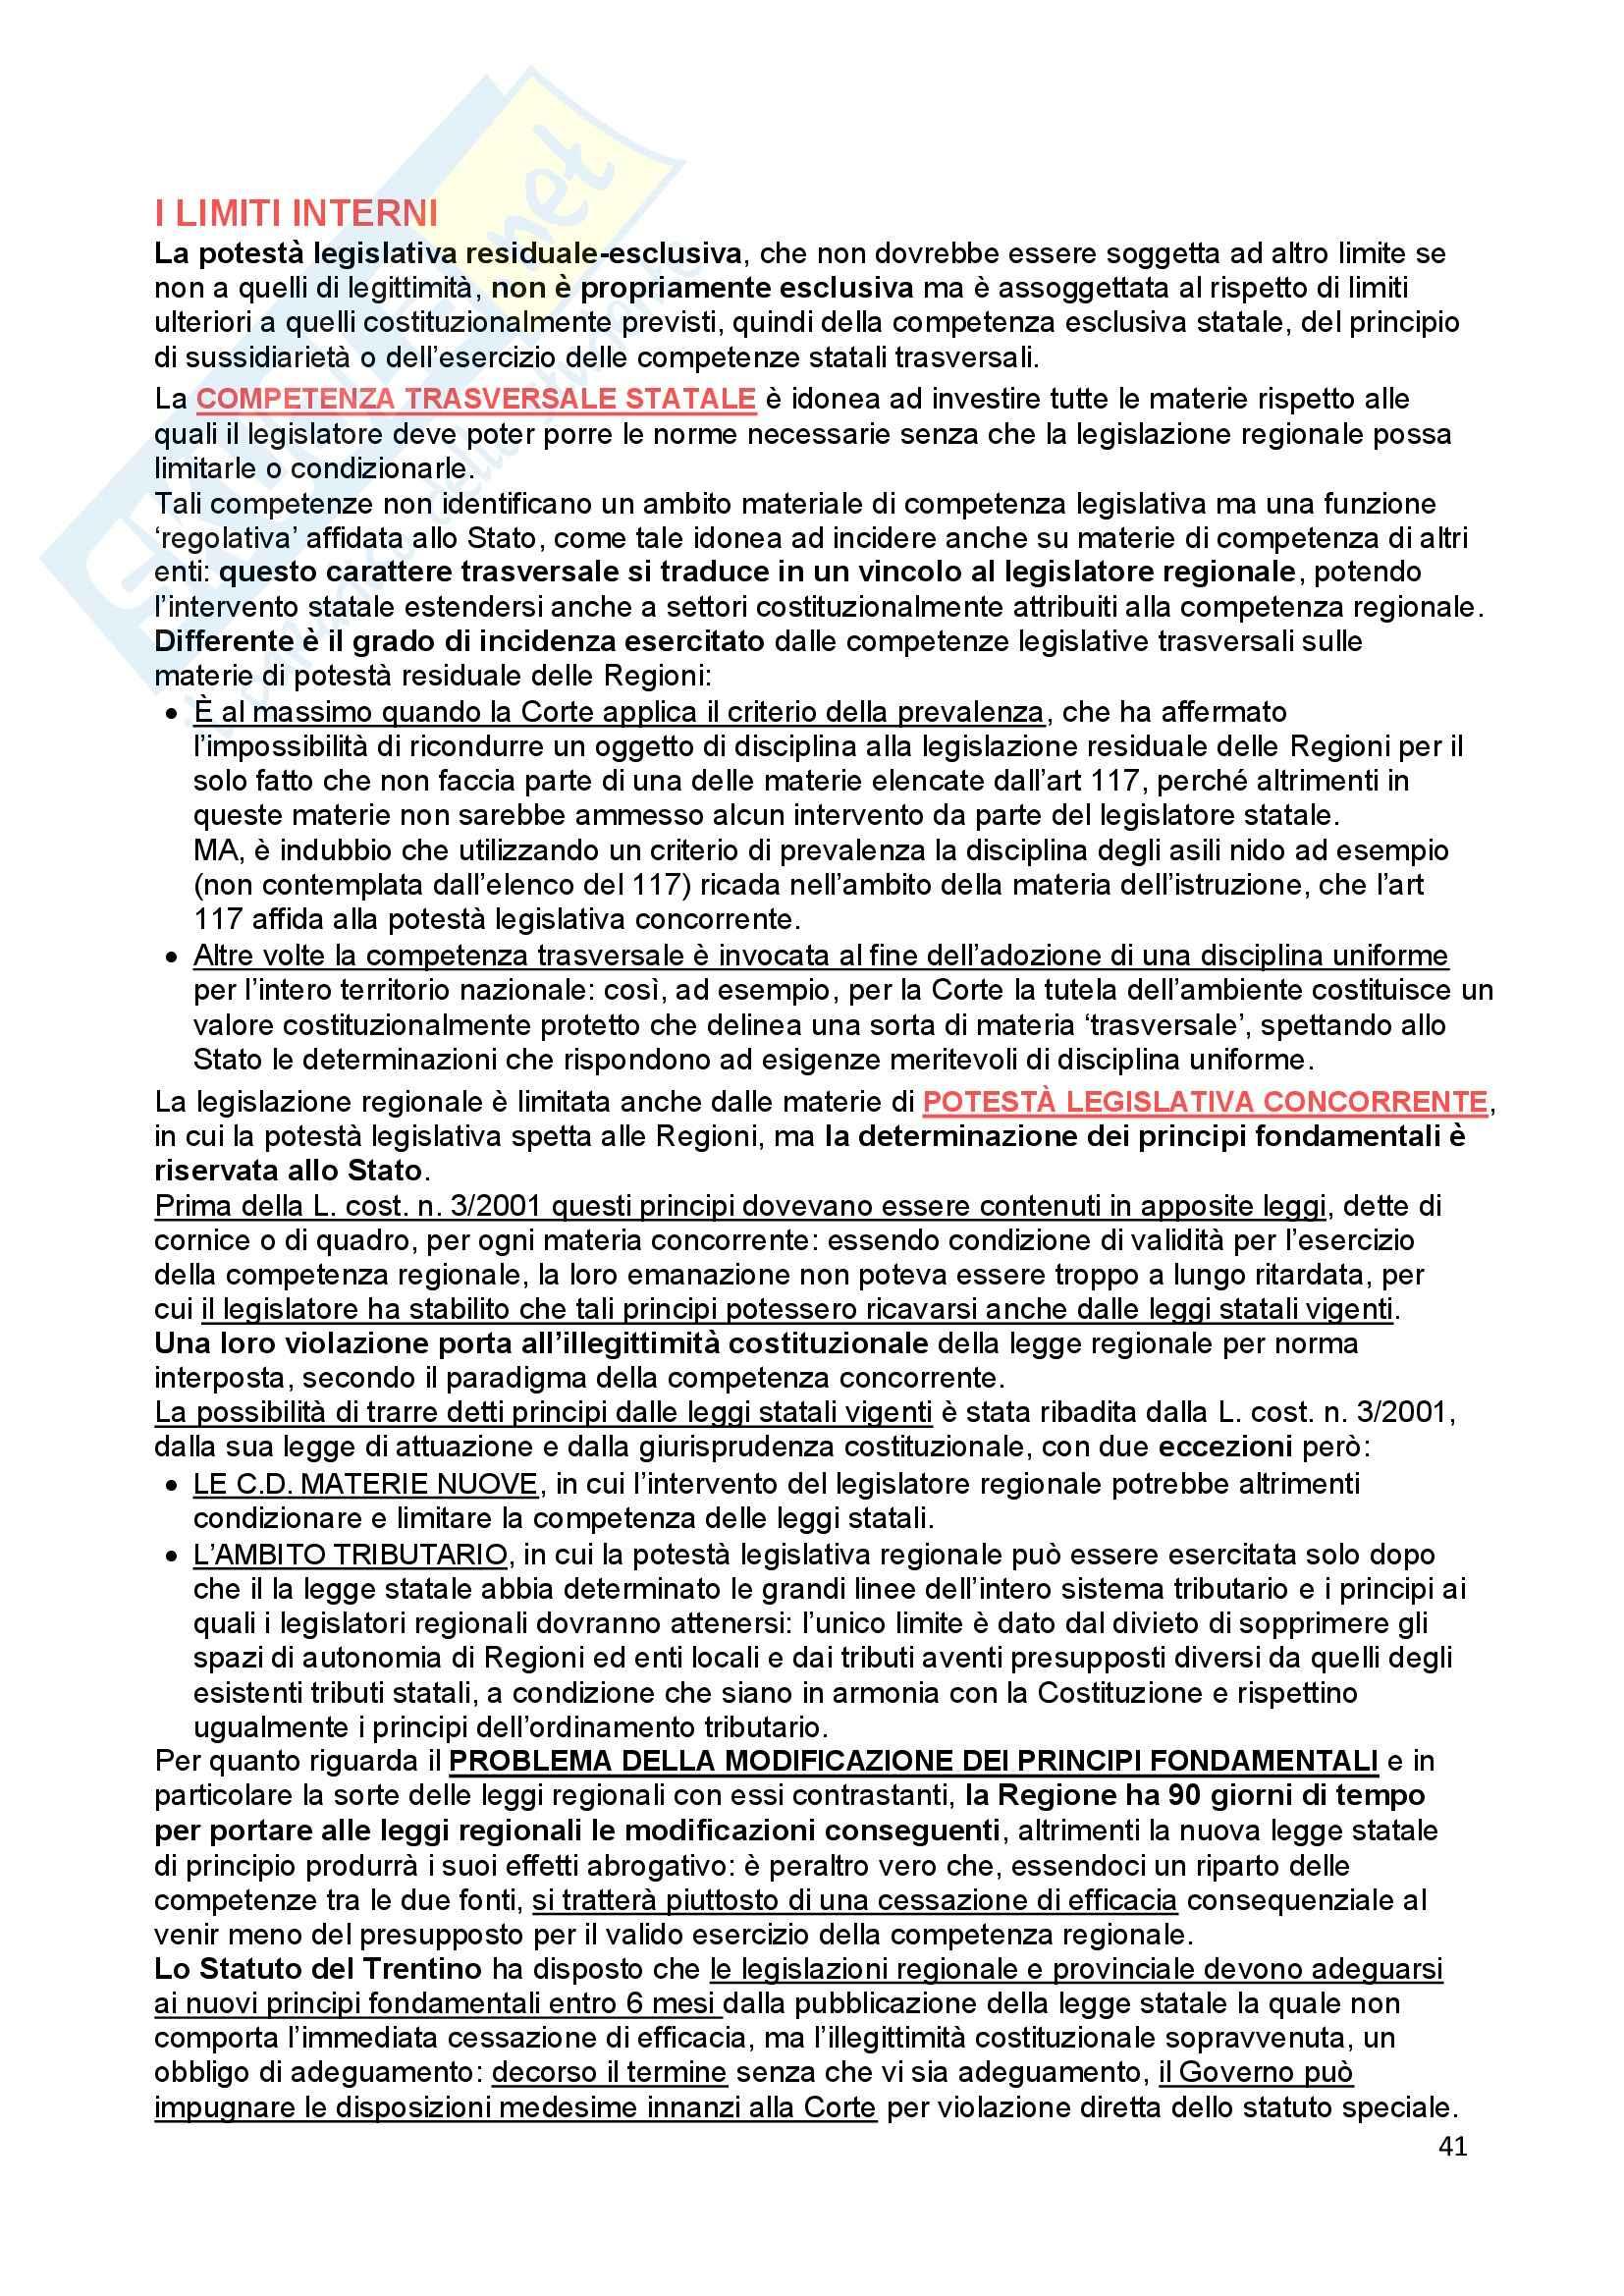 Riassunto esame Diritto Costituzionale, prof. Ferri, libro consigliato Fonti dell'ordinamento repubblicano, Pedrazza Gorlero Pag. 41